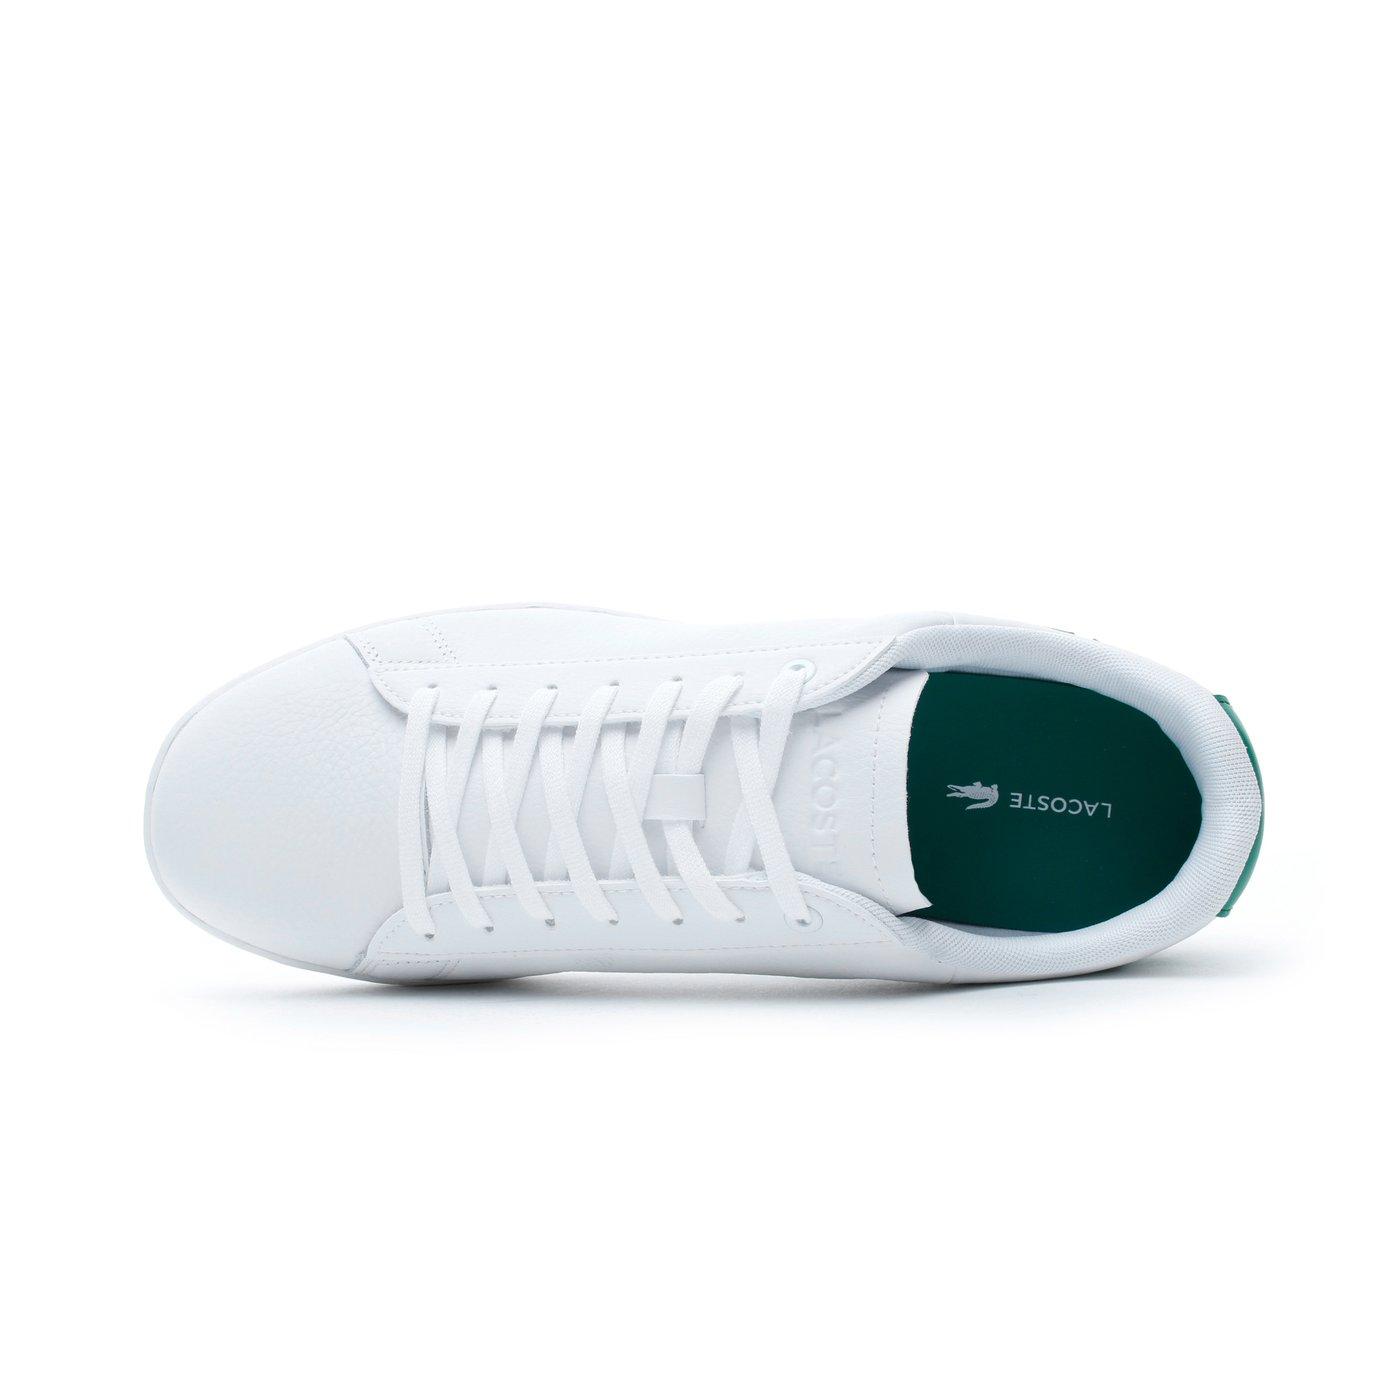 Lacoste Carnaby Evo Erkek Beyaz - Yeşil Spor Ayakkabı